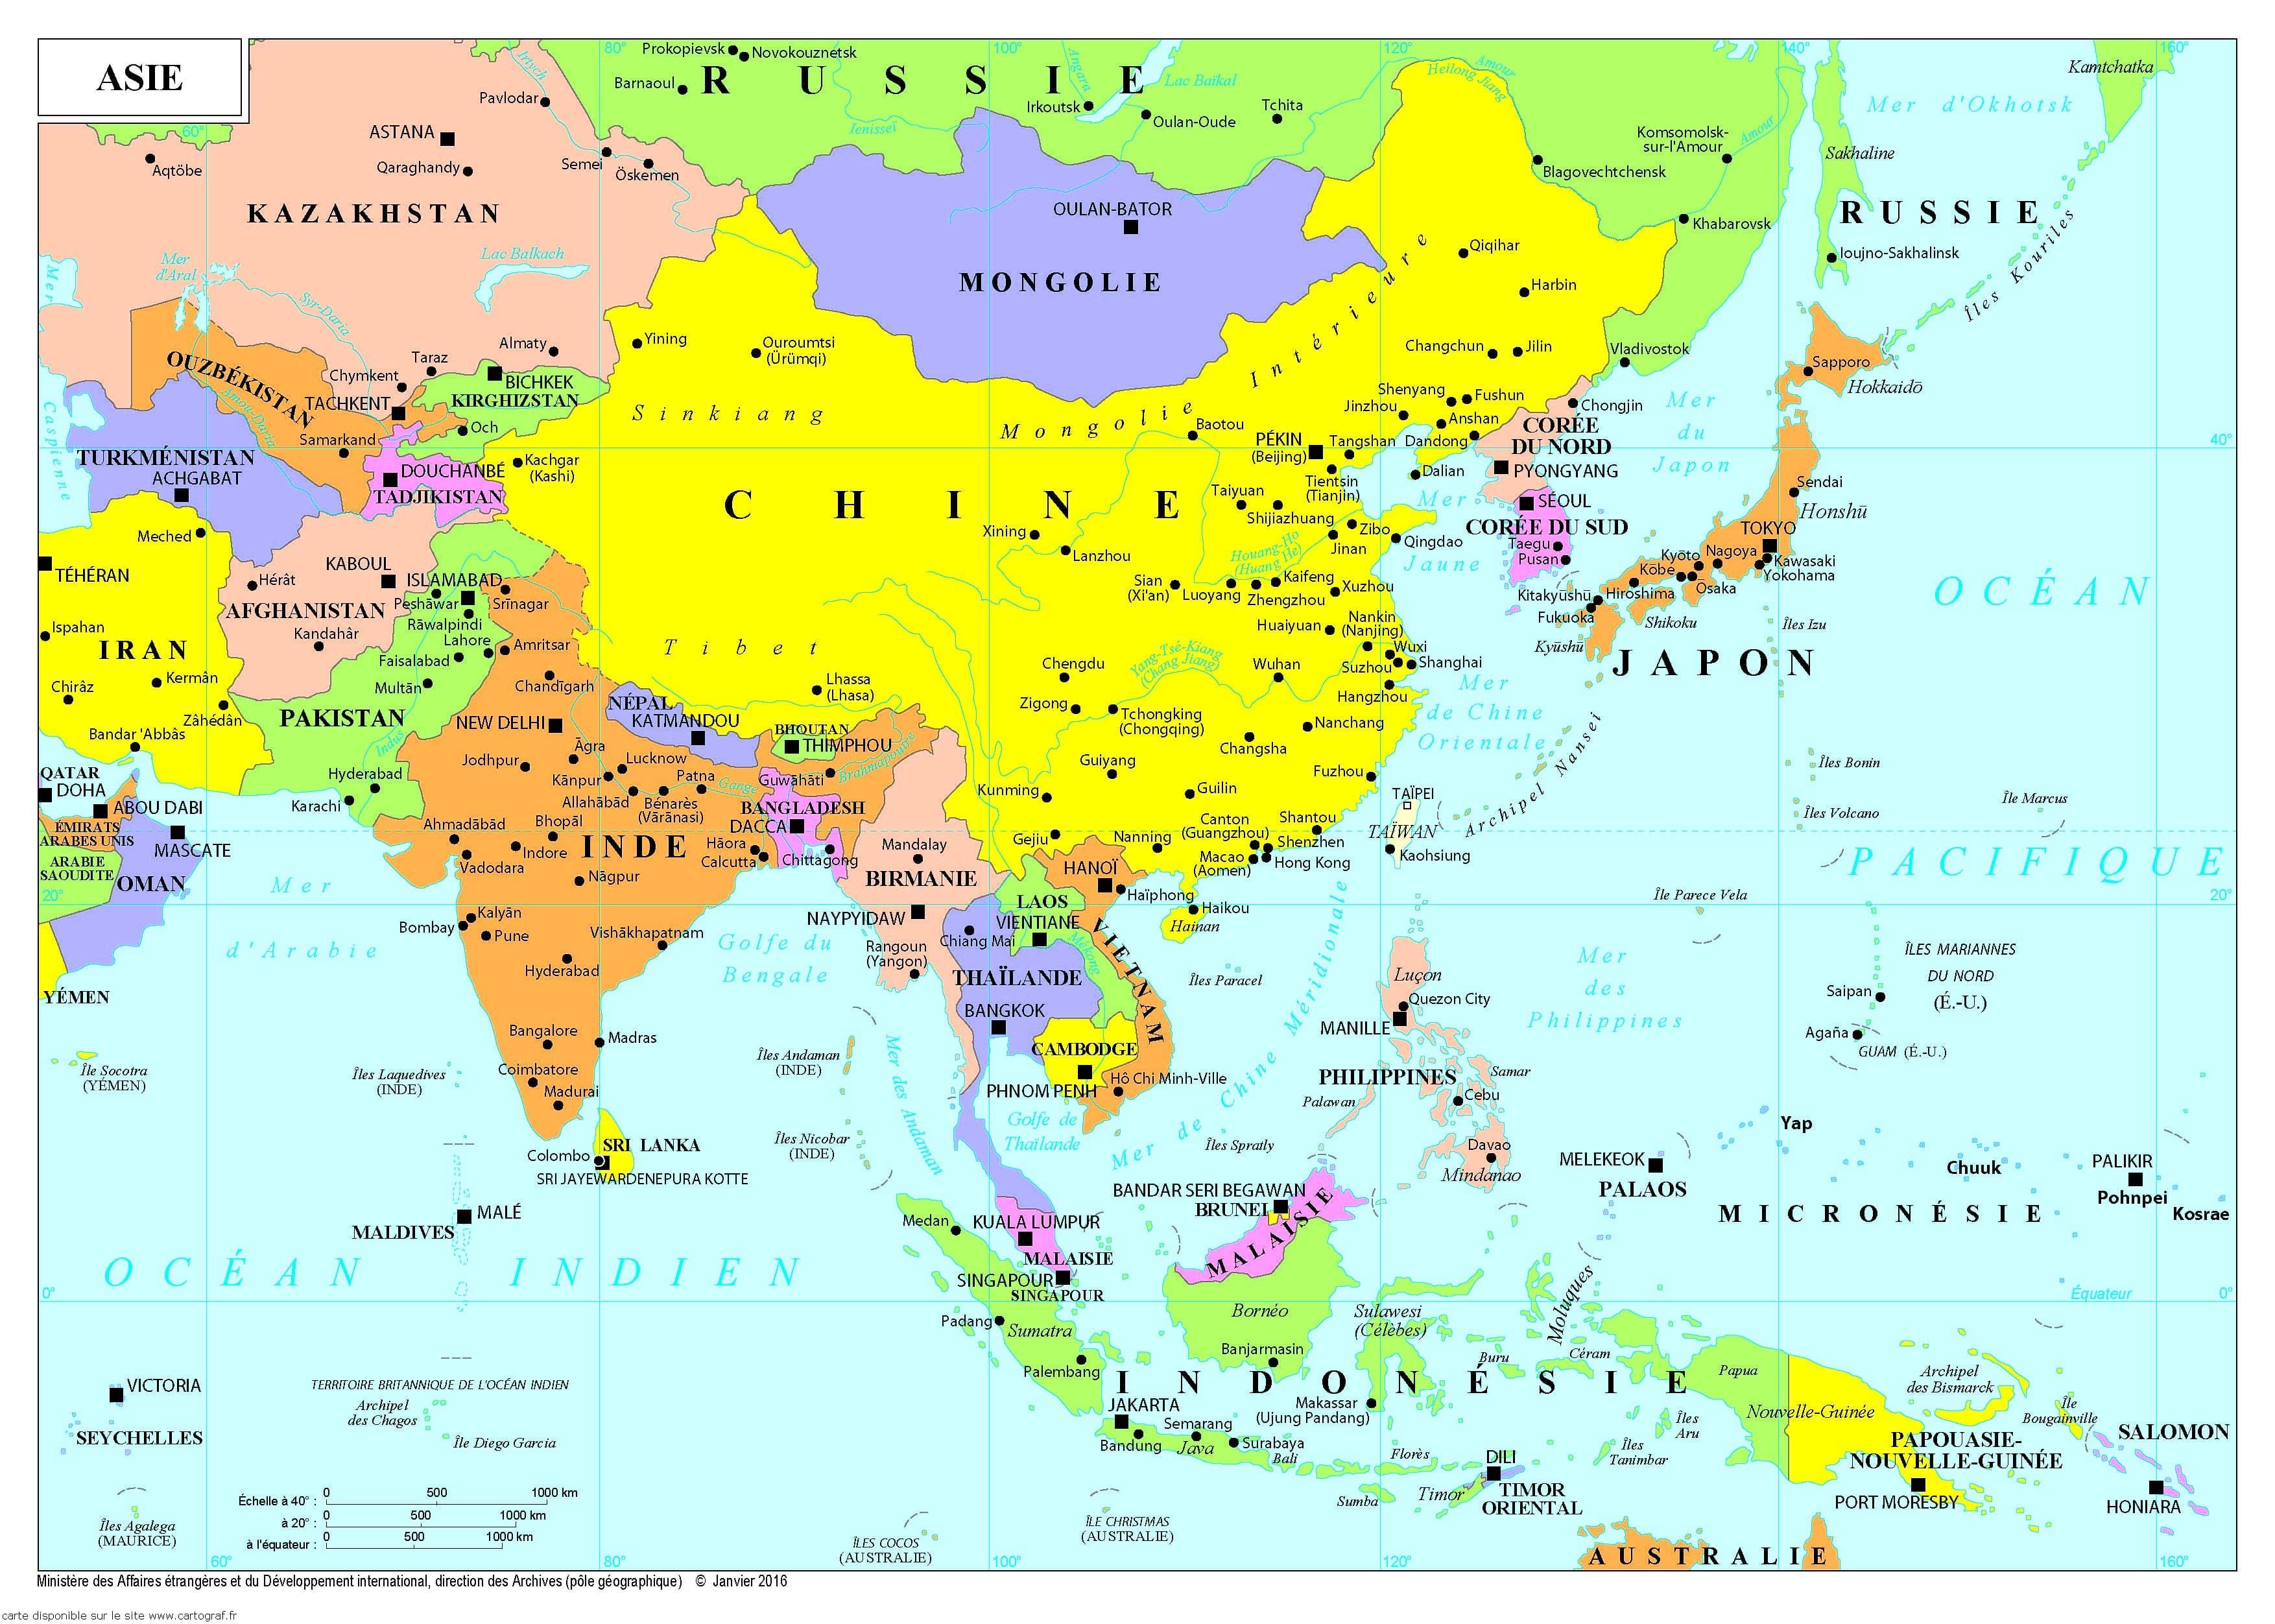 Carte Asie Du Sud Est Avec Villes.Cartograf Fr Les Cartes Des Continents L Asie Page 2